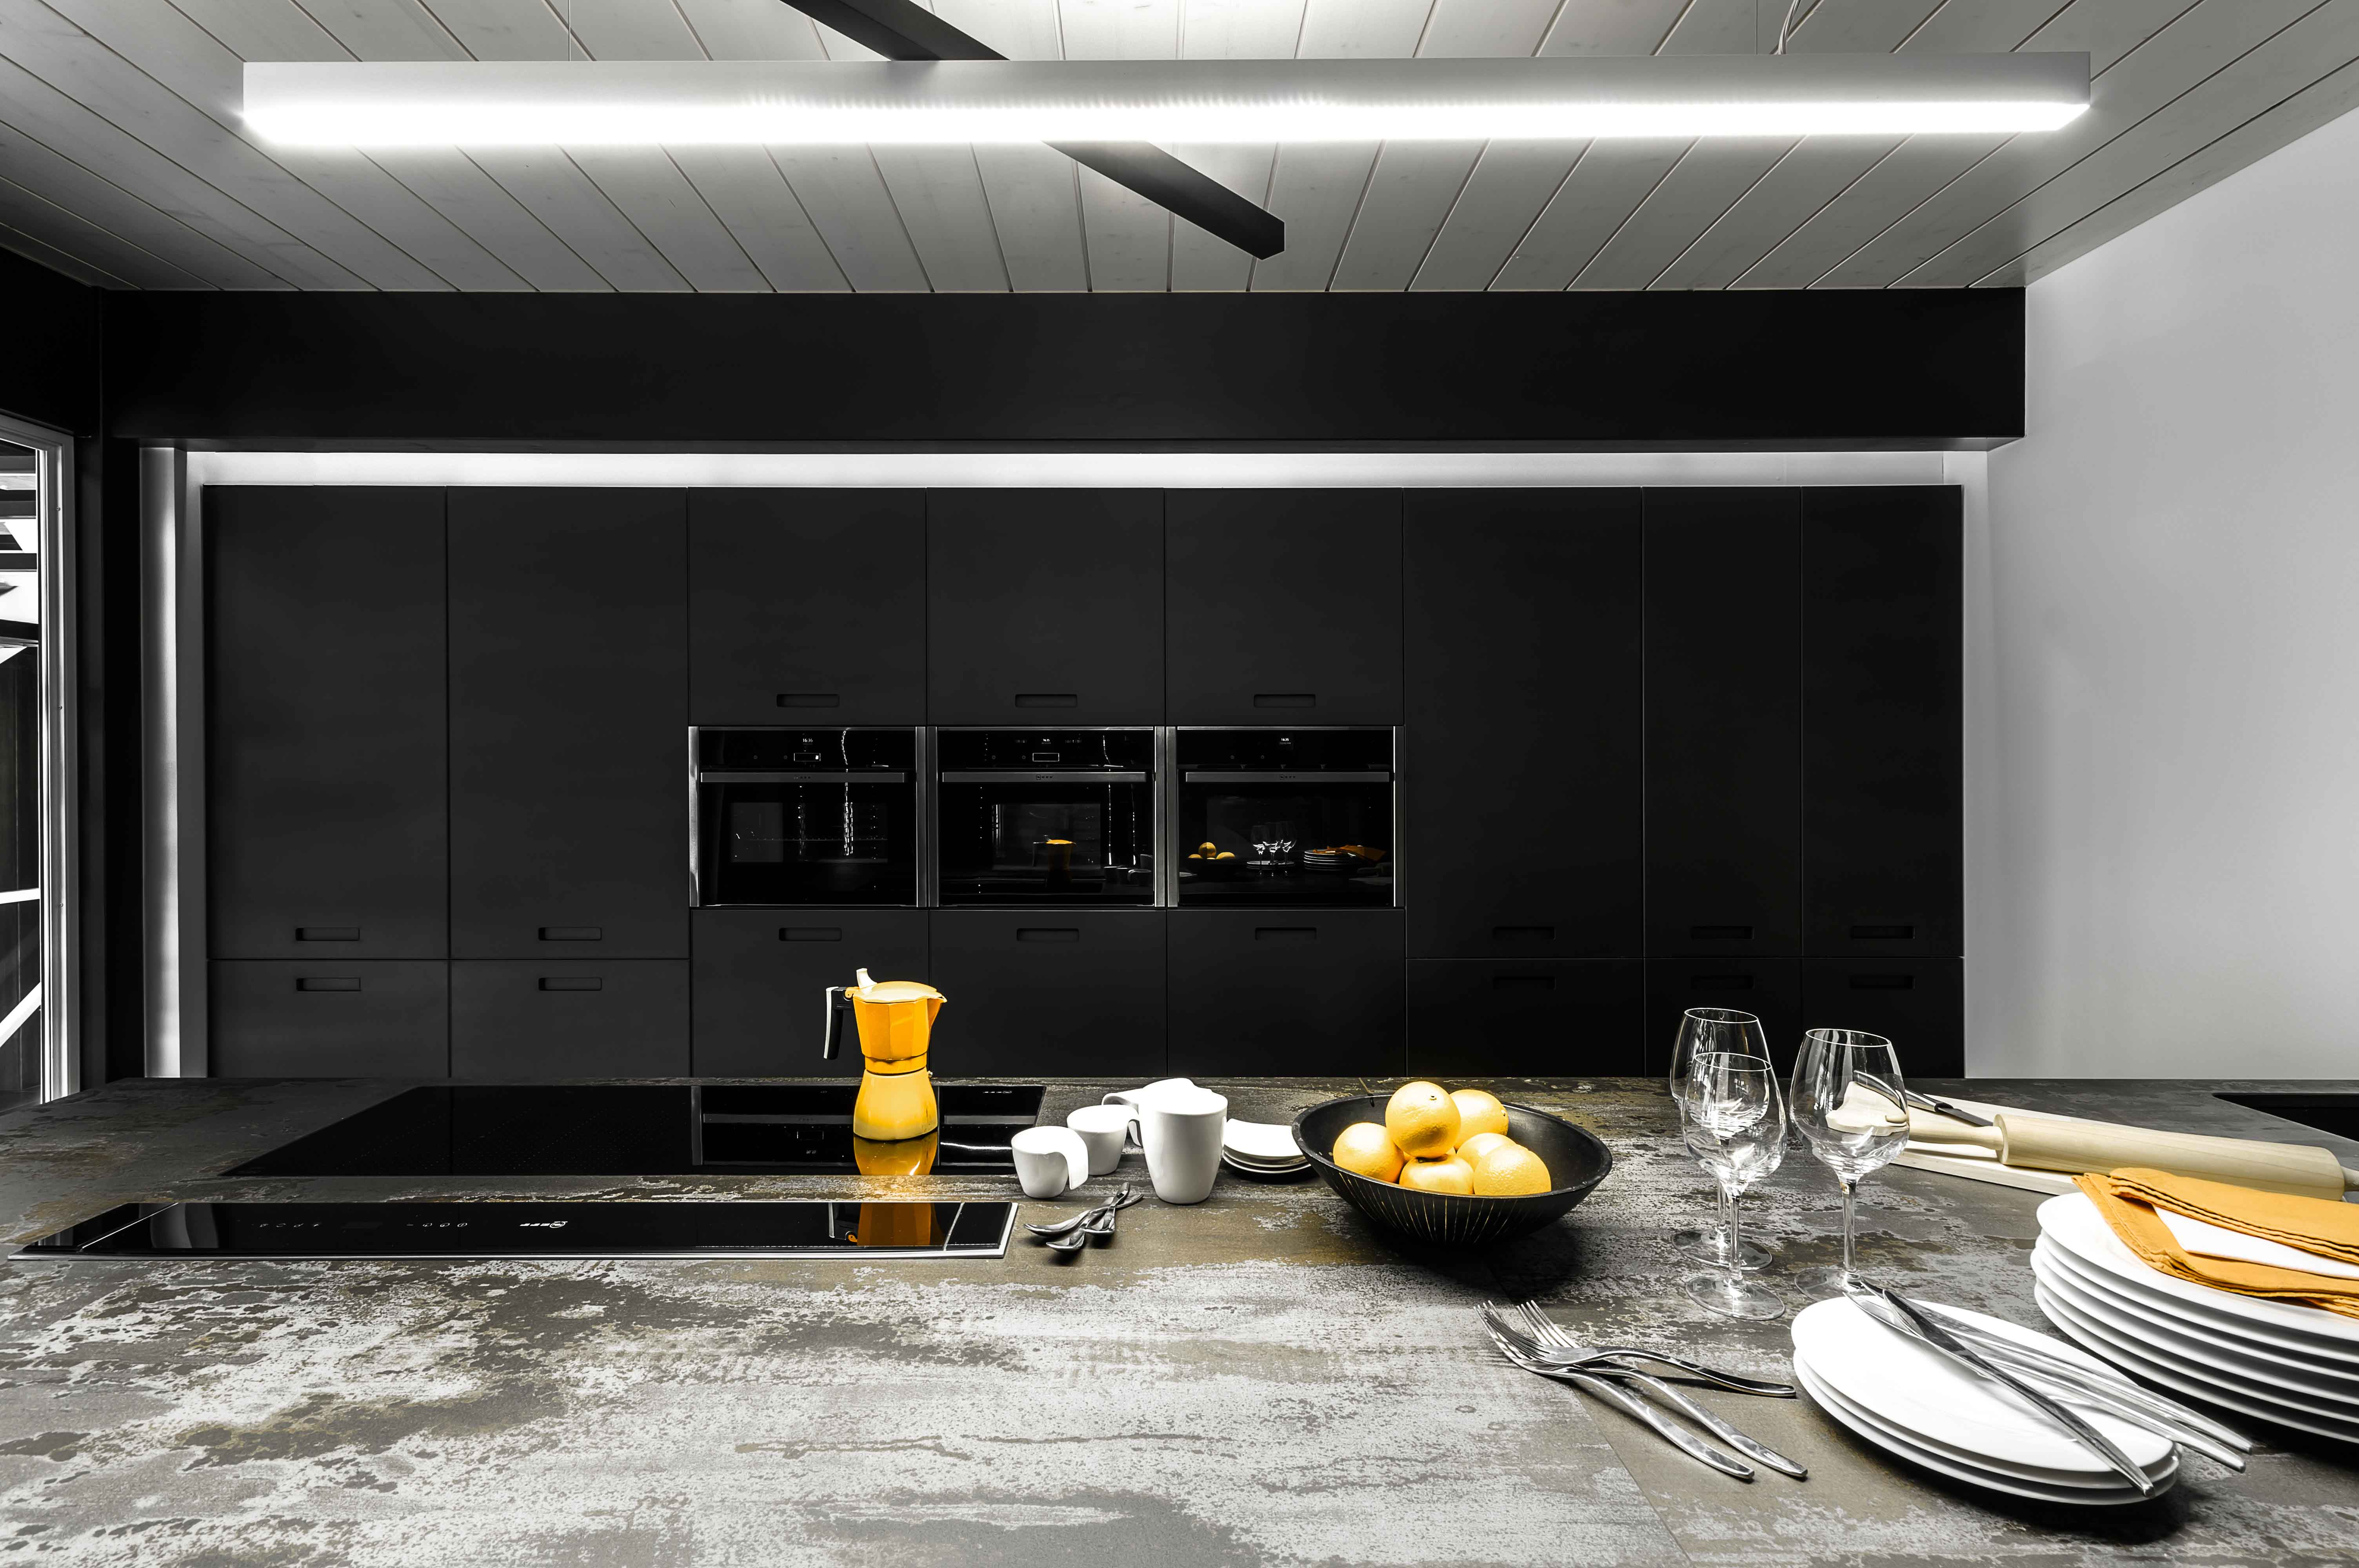 réalisation et installation d'une cuisine style scandinave moderne design contemporain